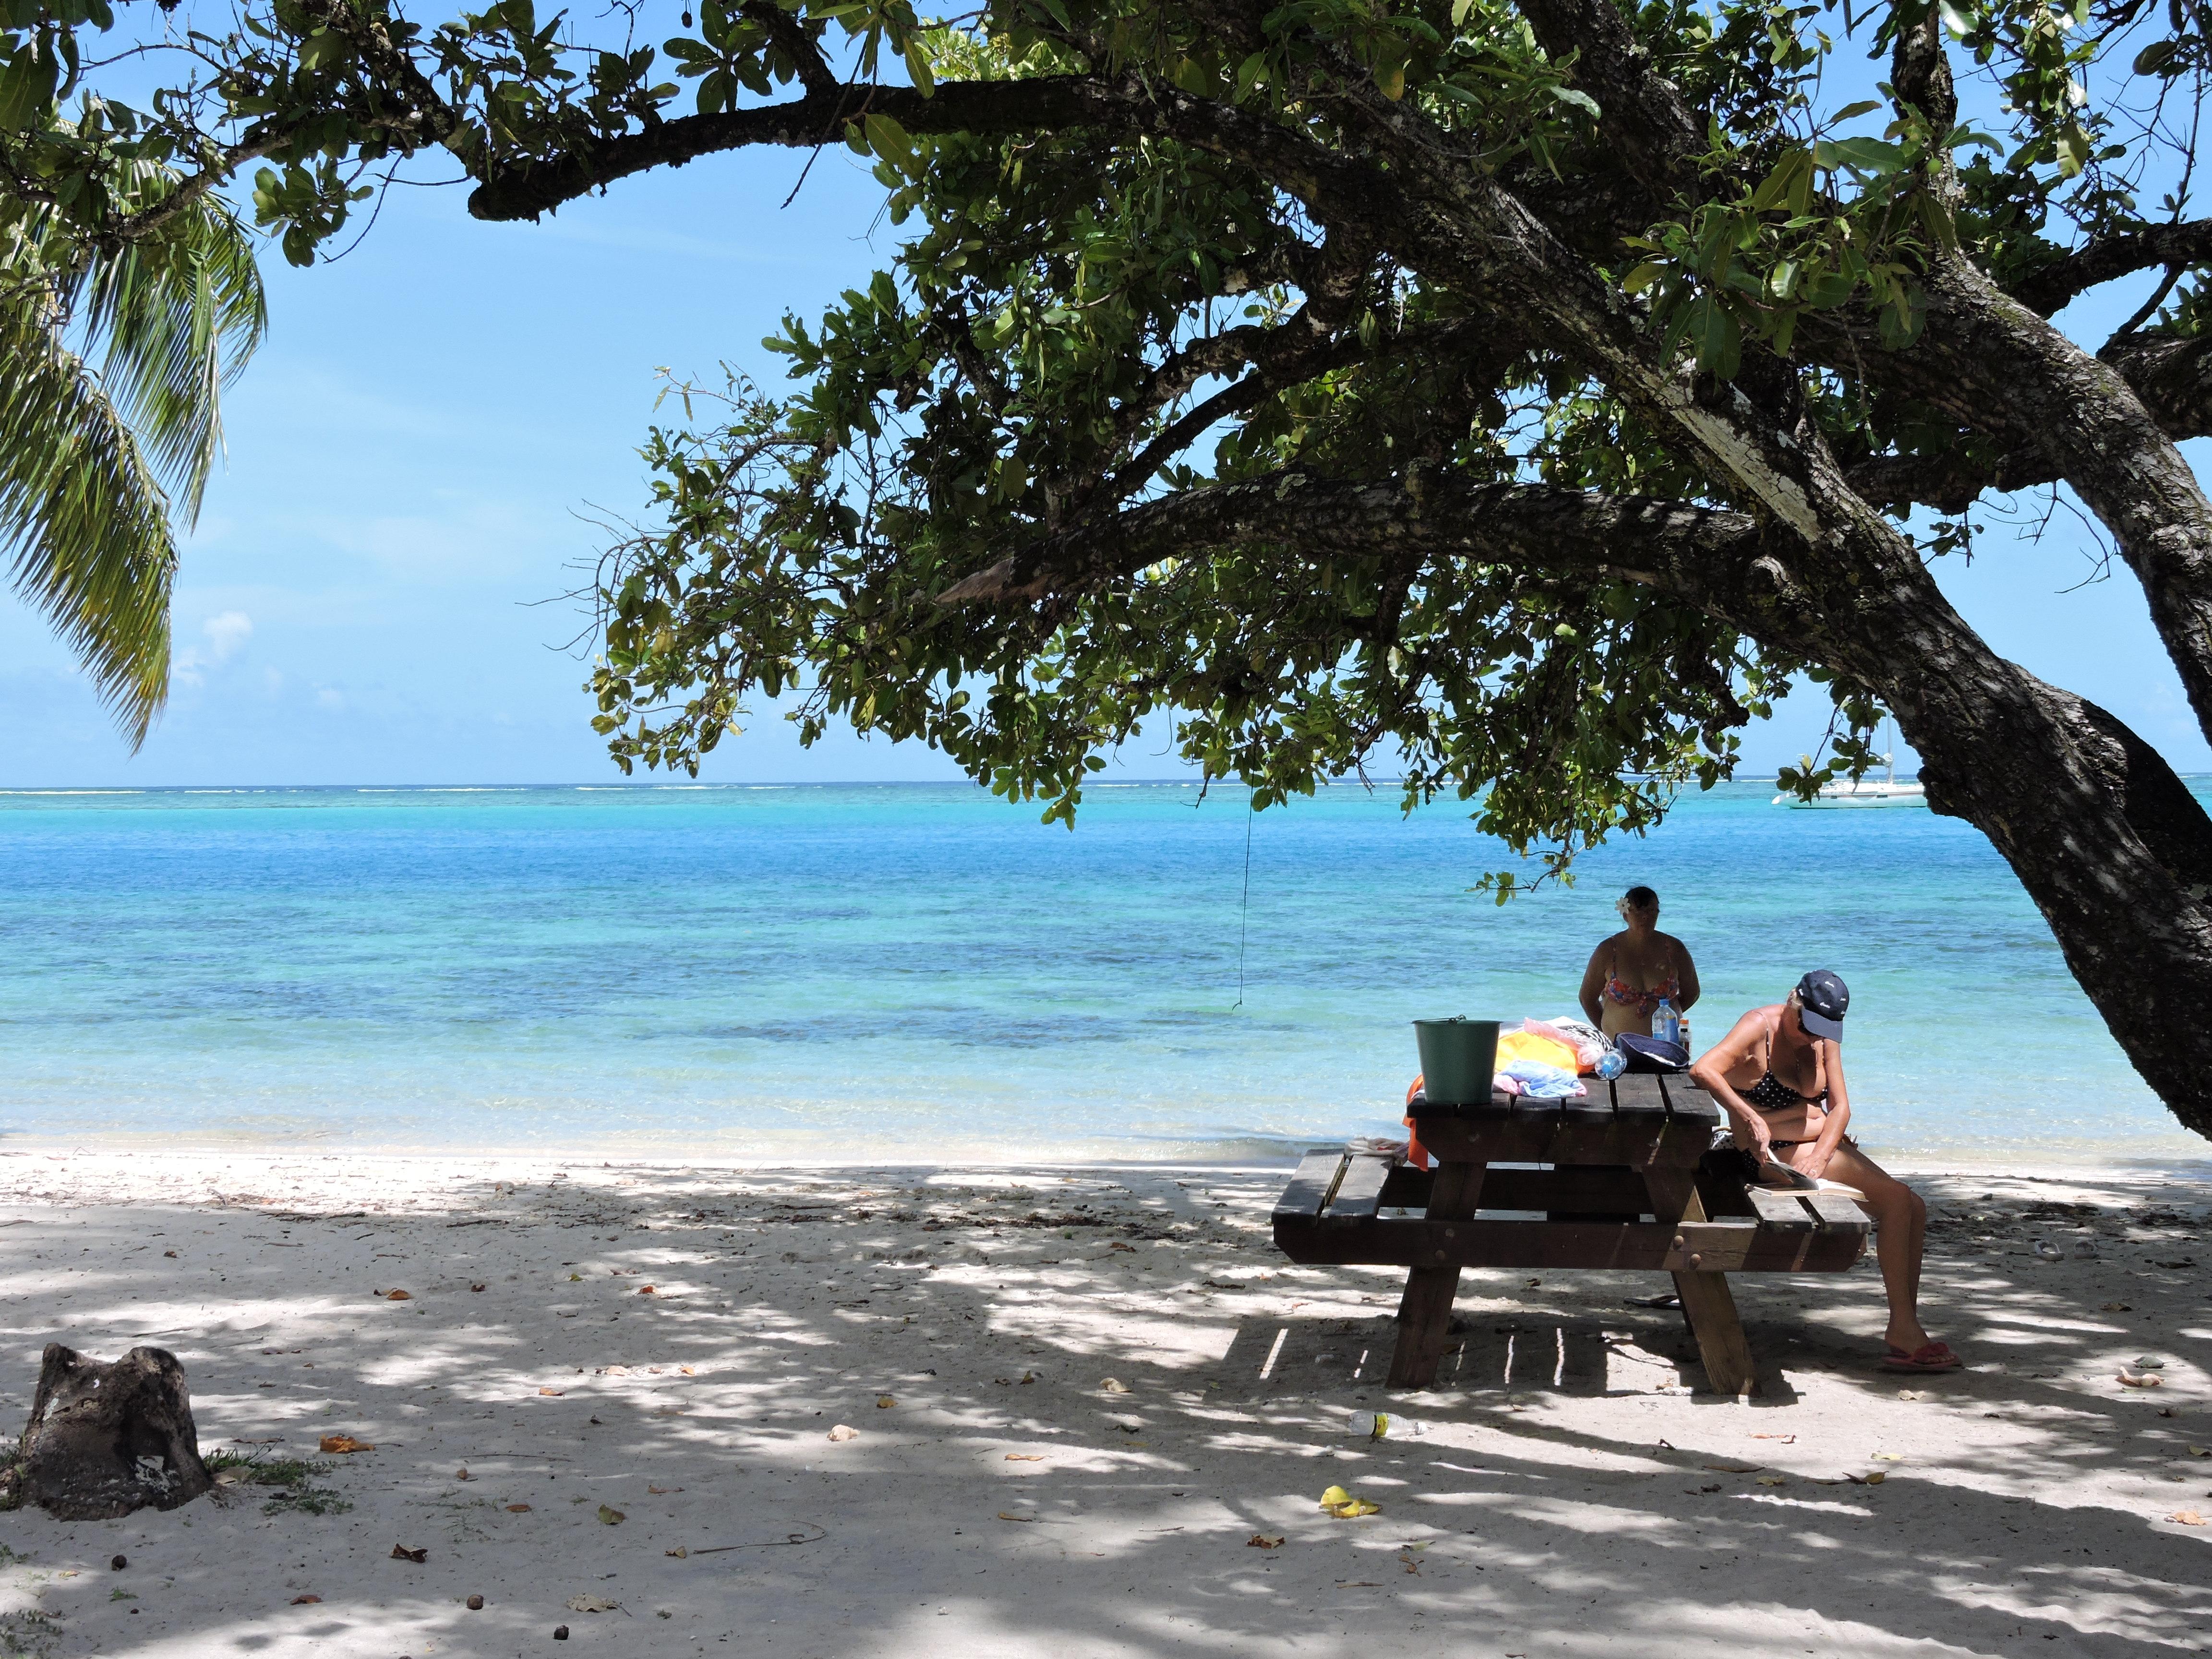 La plage de la Mareto à Moorea est la deuxième plage la plus chère selon le site TravelBird.